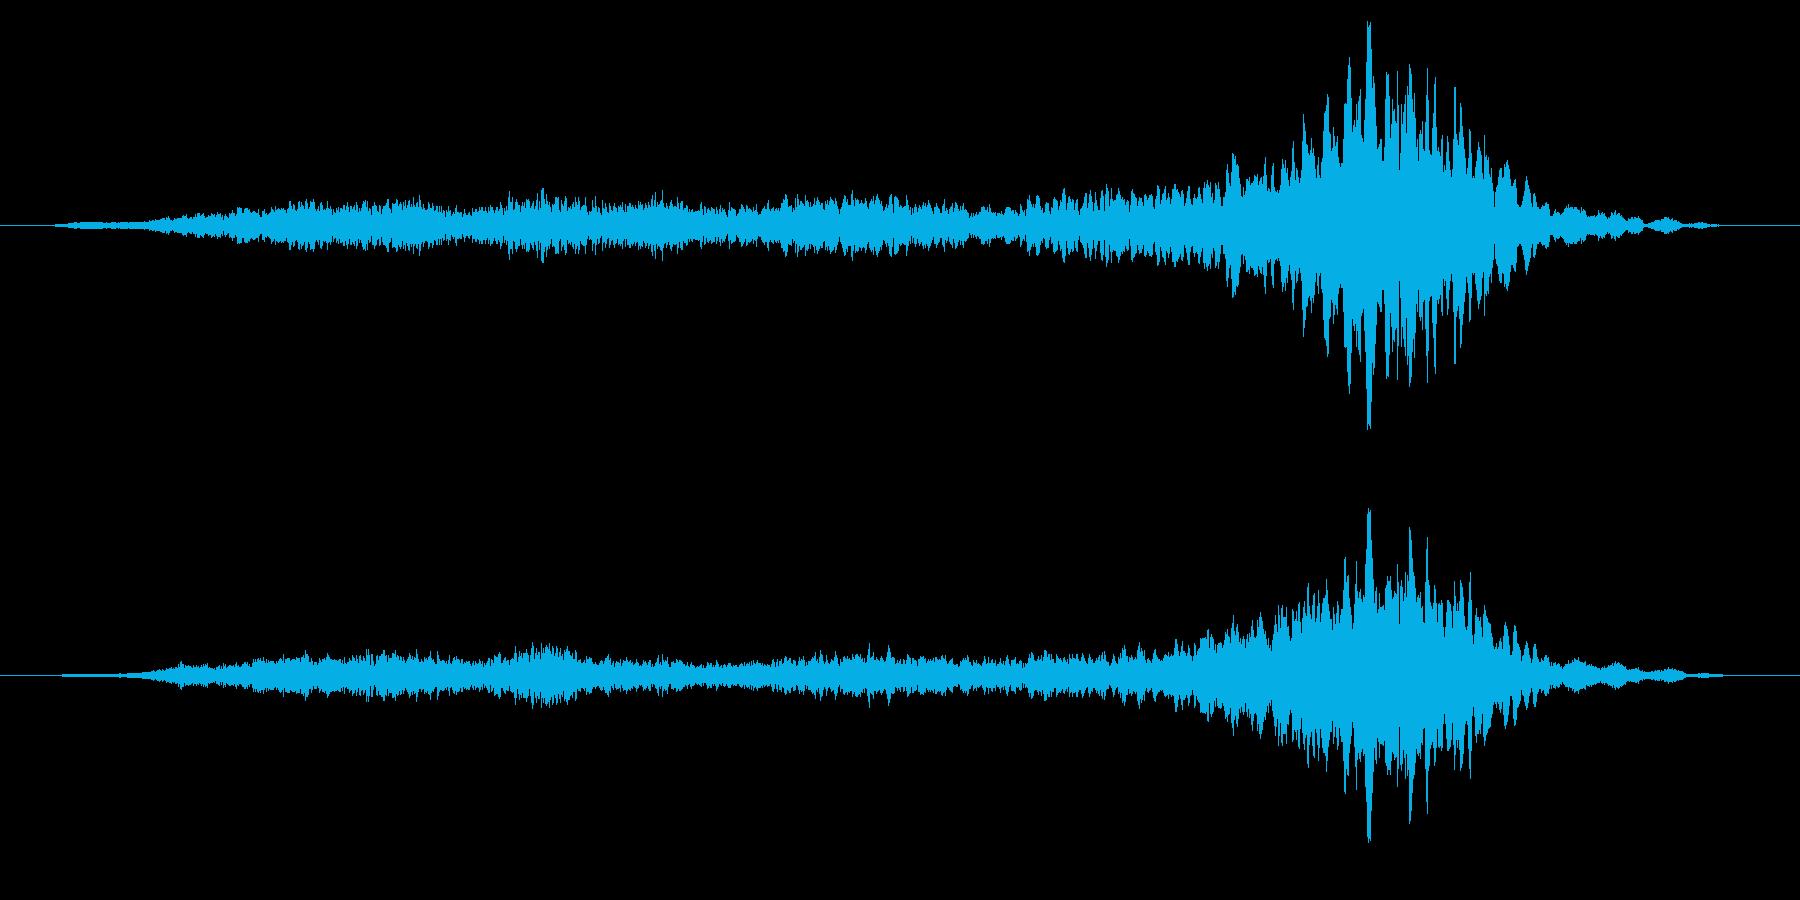 ミステリー、ホラー向き楽曲。緊張感が増…の再生済みの波形